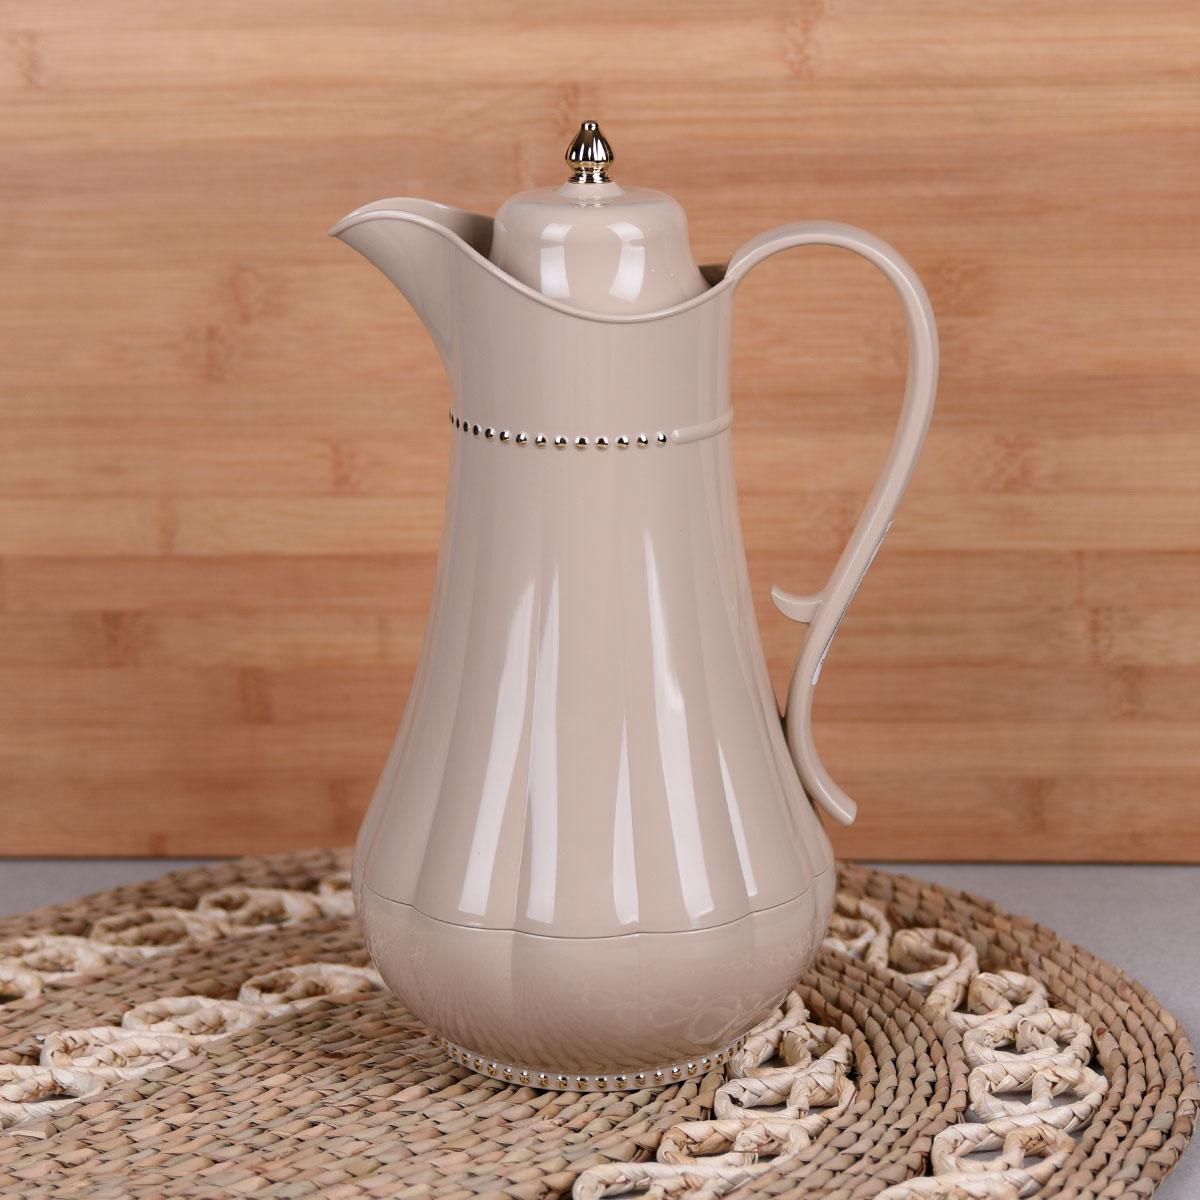 ترمس شاي وقهوة , فلورا , مقاس 0.75 لتر , لون بني فاتح